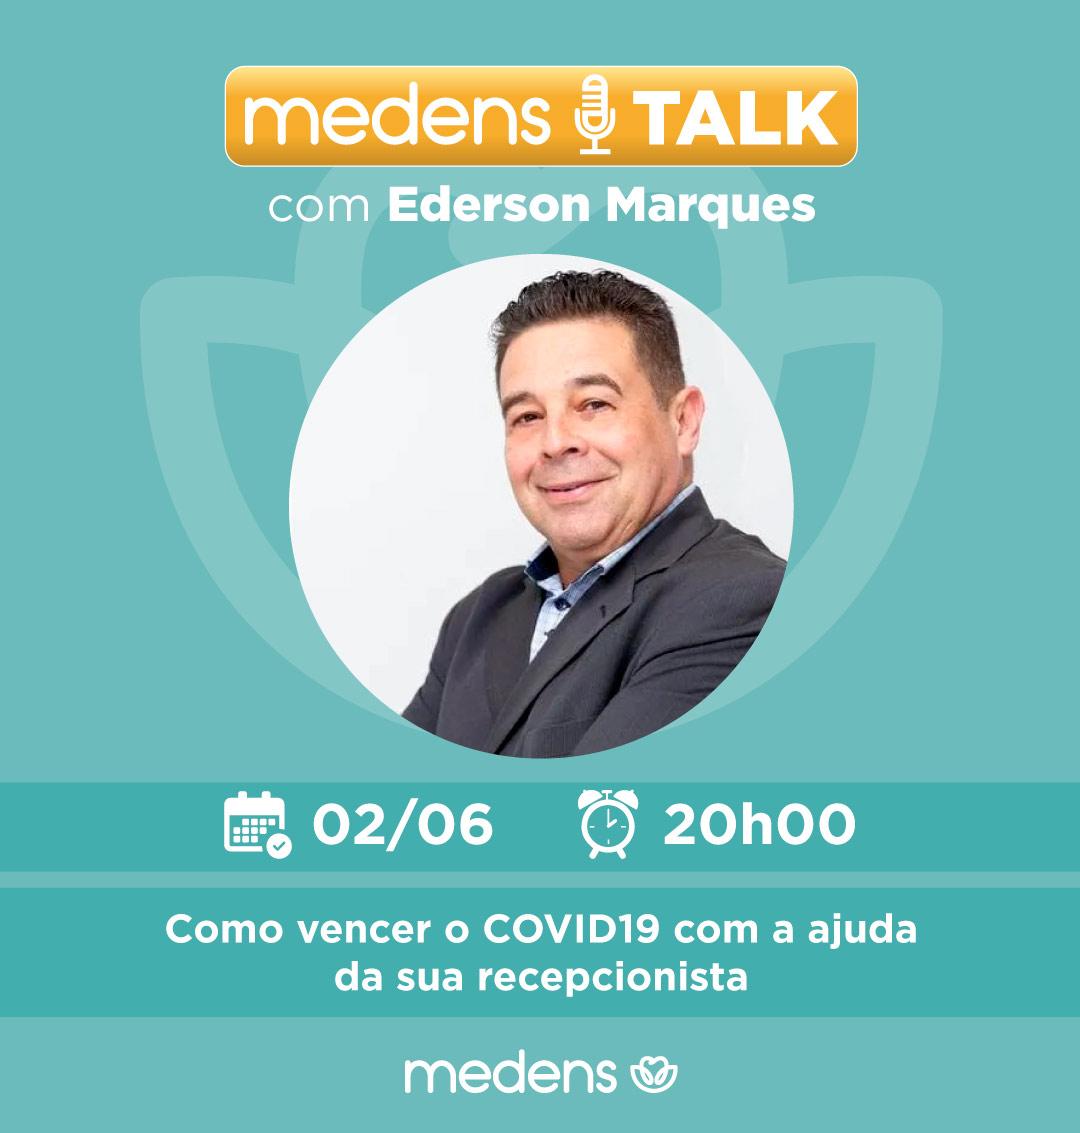 """Medens Talk com Ederson Marques  Dia 02/06 às 20 horas   """"Como vencer o COVID19 com a ajuda da sua recepcionista""""  Inscrição: https://app.99webinar.com/live/medens/ederson-marques…  #atendimento #altaperformance #covid19 #recepcionista #dentista #odonto #medens  #palestraonline #webinar #aulaonlinepic.twitter.com/L4NN3LIVjK"""